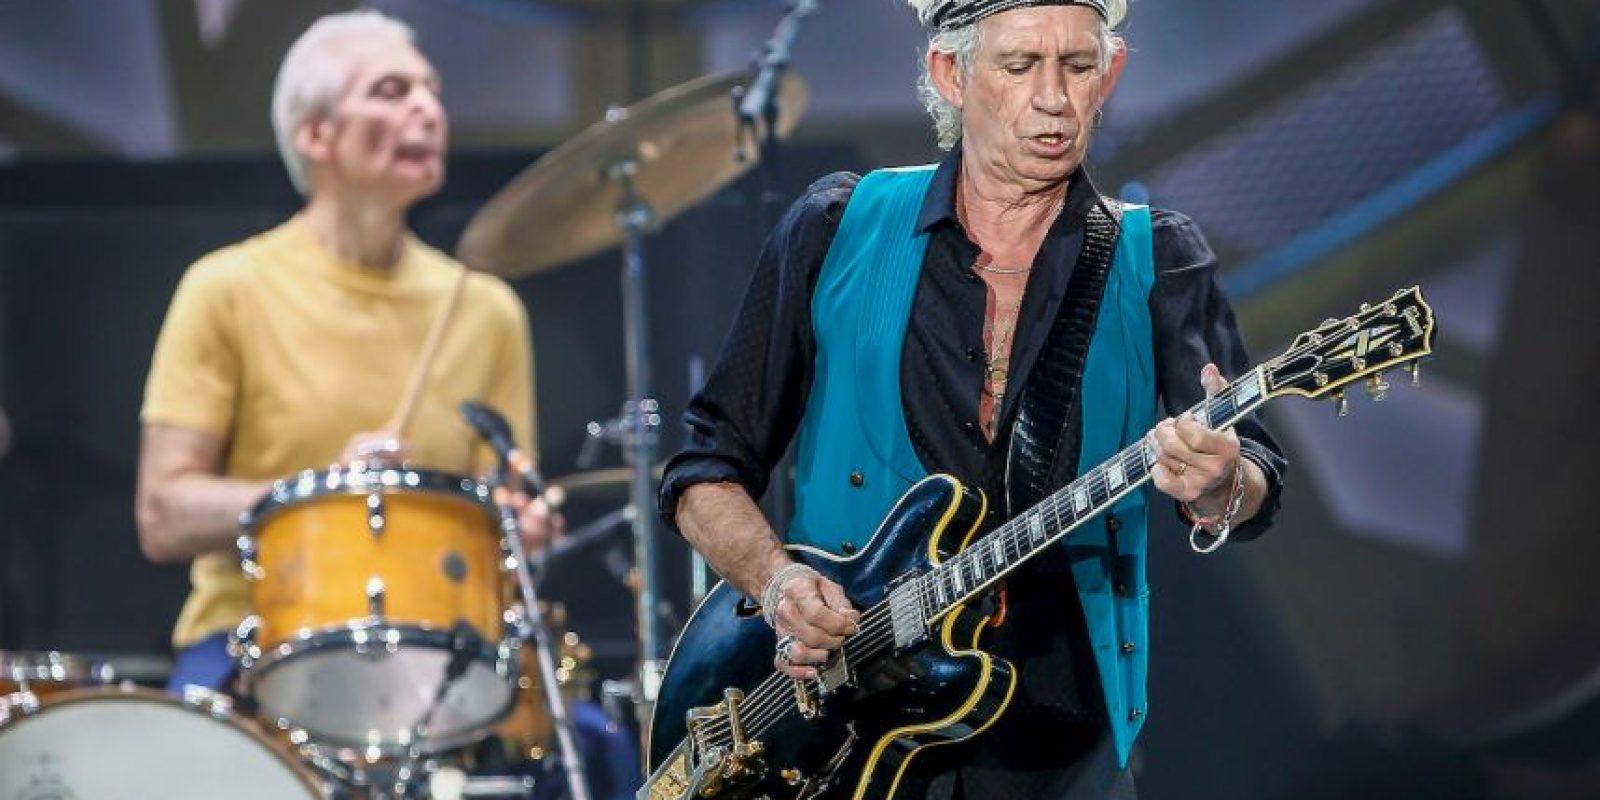 Keith Richards cuestiona la calidad del álbum más emblemático de los Beatles. Foto:Getty Images